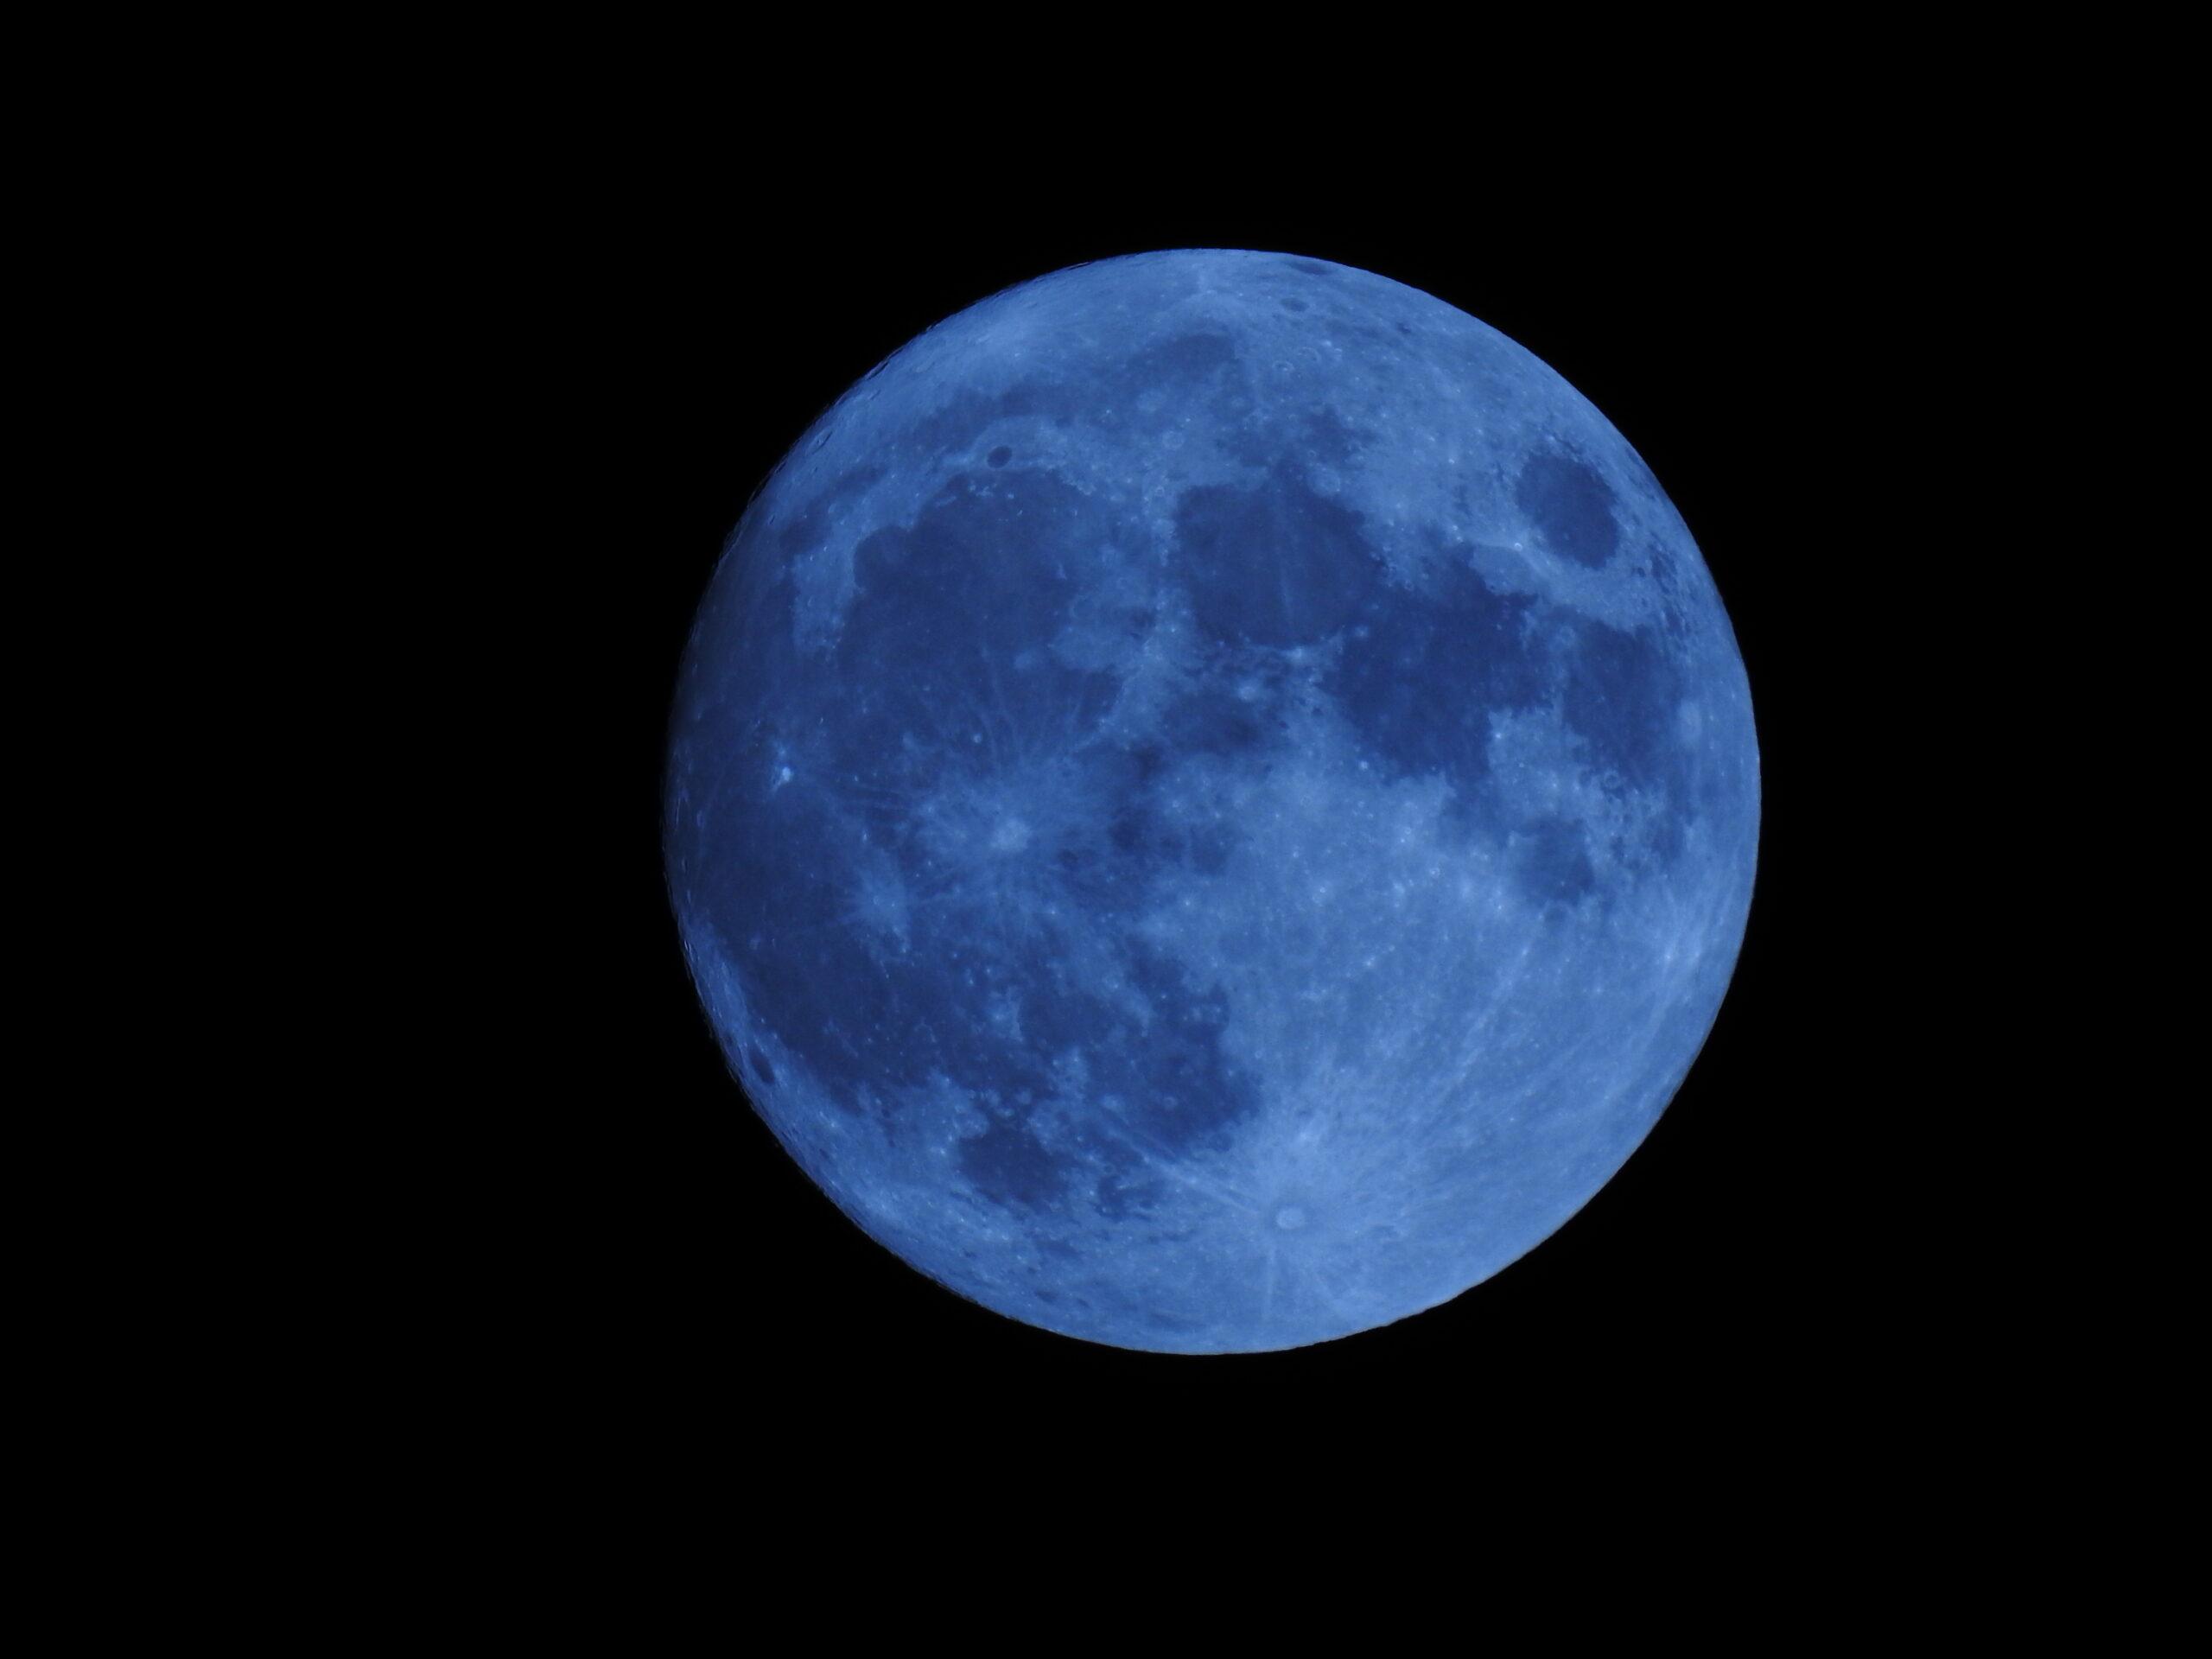 La Luna Hoy: la Luna llena azul